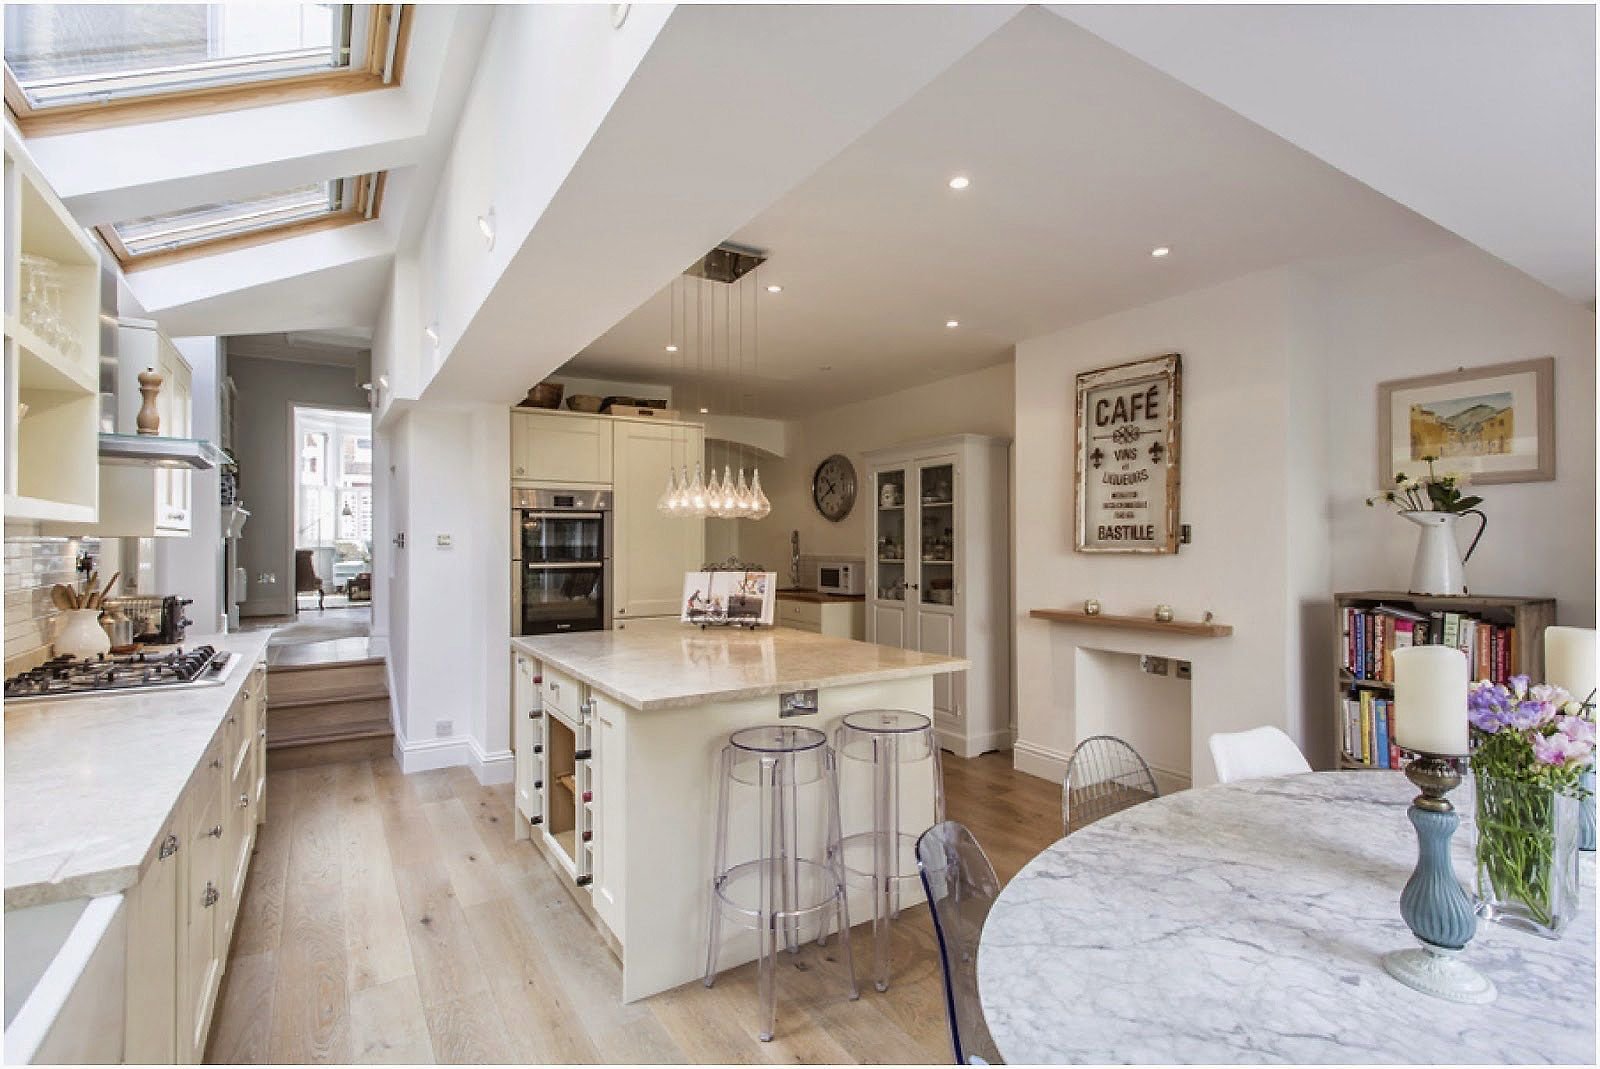 Home Design Ideeen : Interior design ideen für küche kleine räume sind kein problem